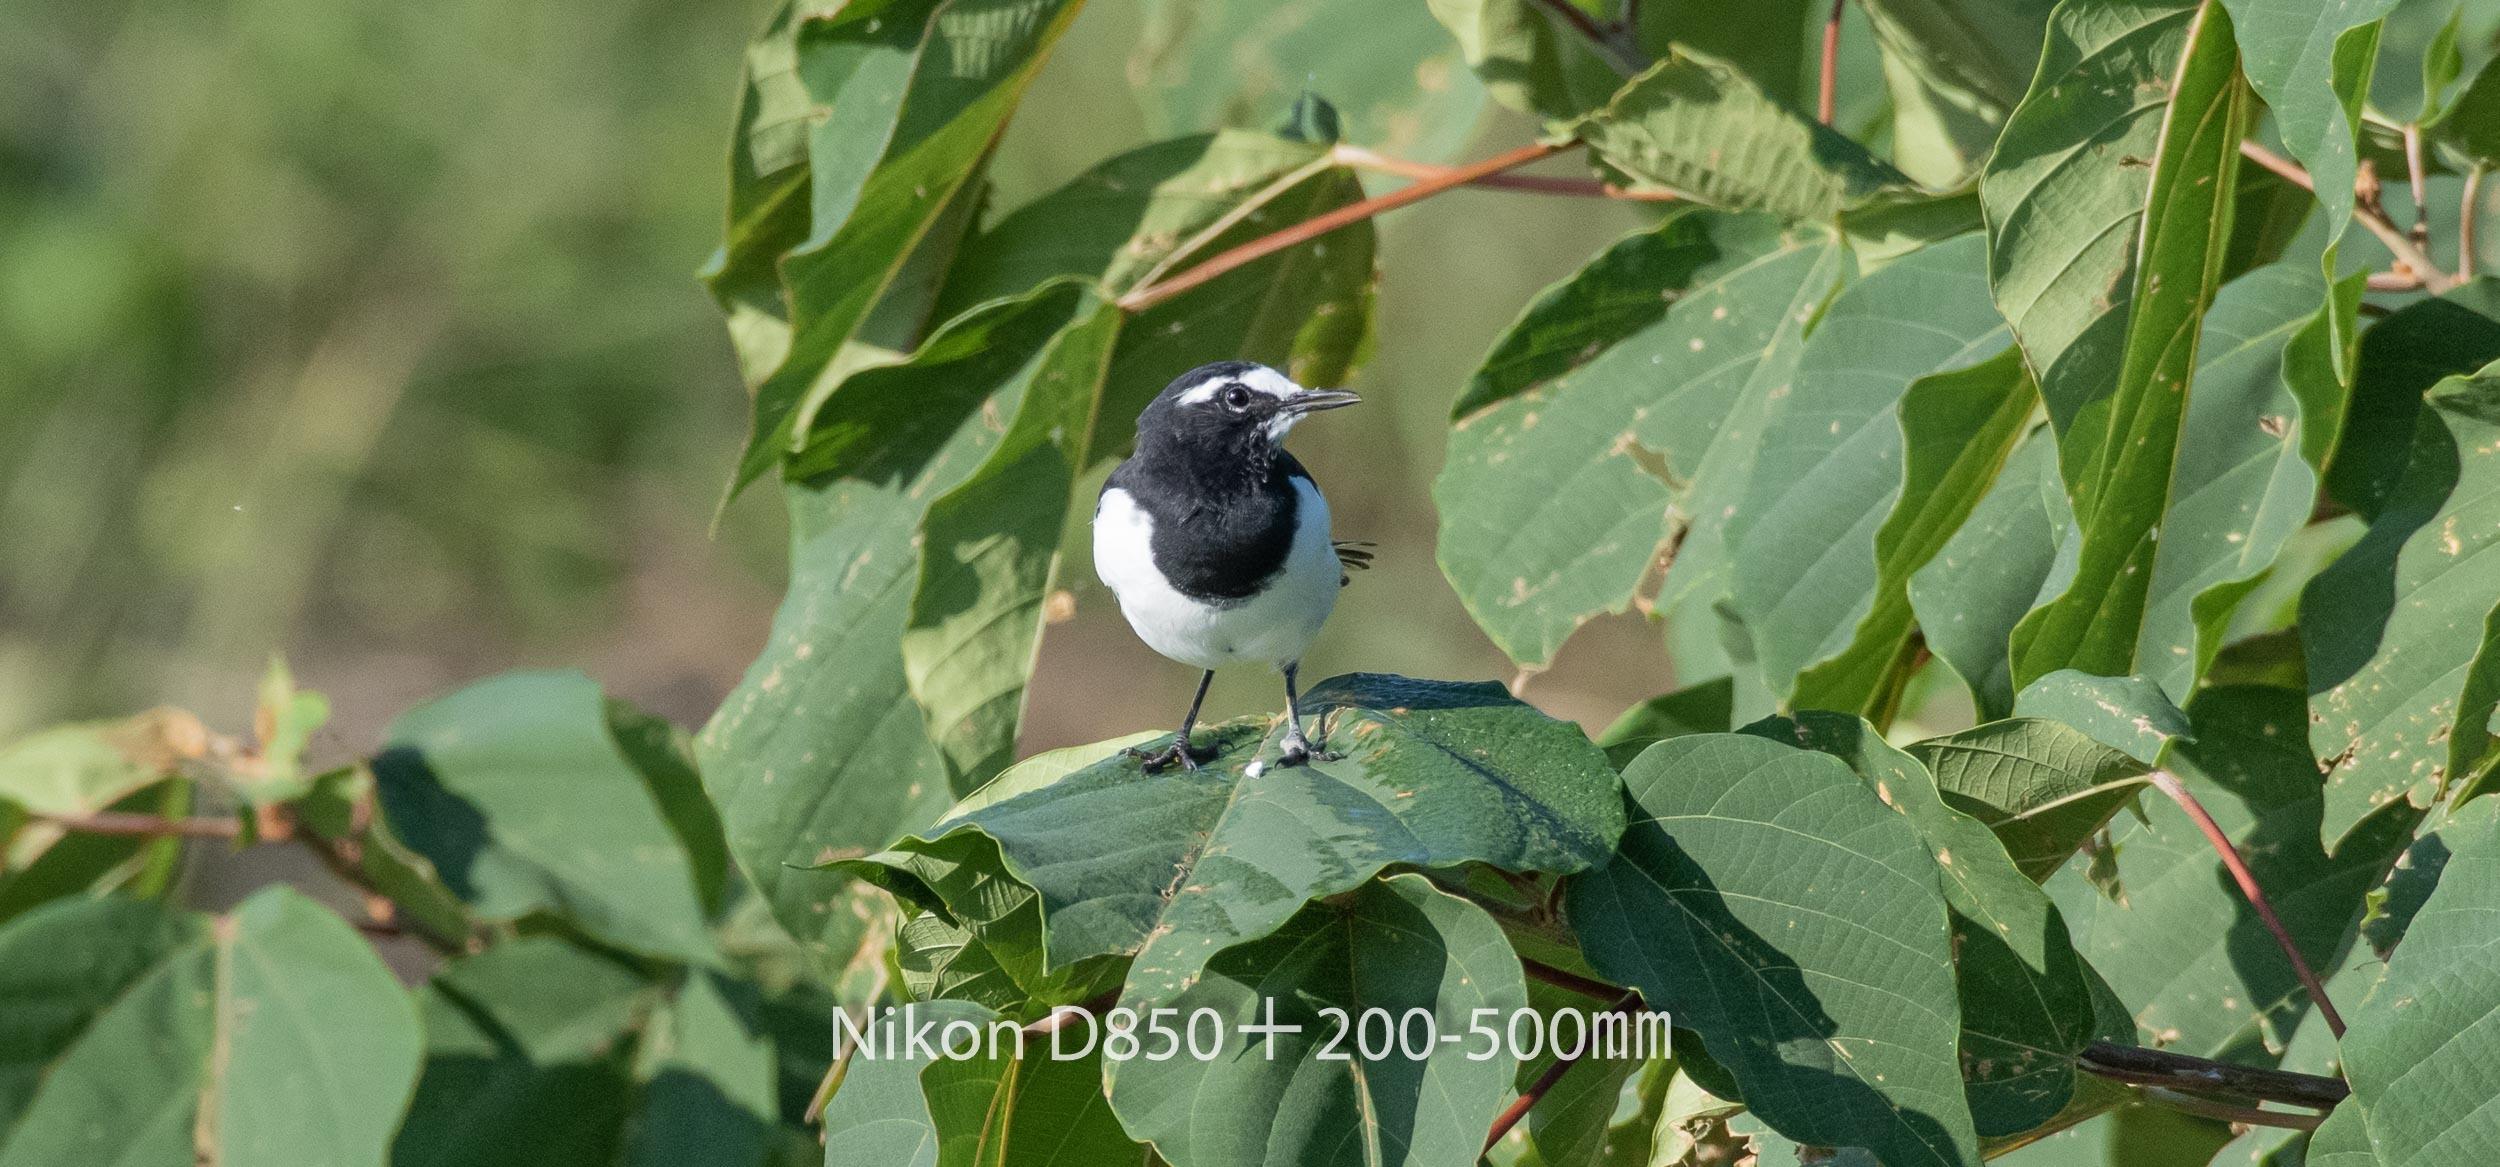 191005 ハクセキレイ-06 NIKON D850 ISO 1000 500 mm 2816 x 1314